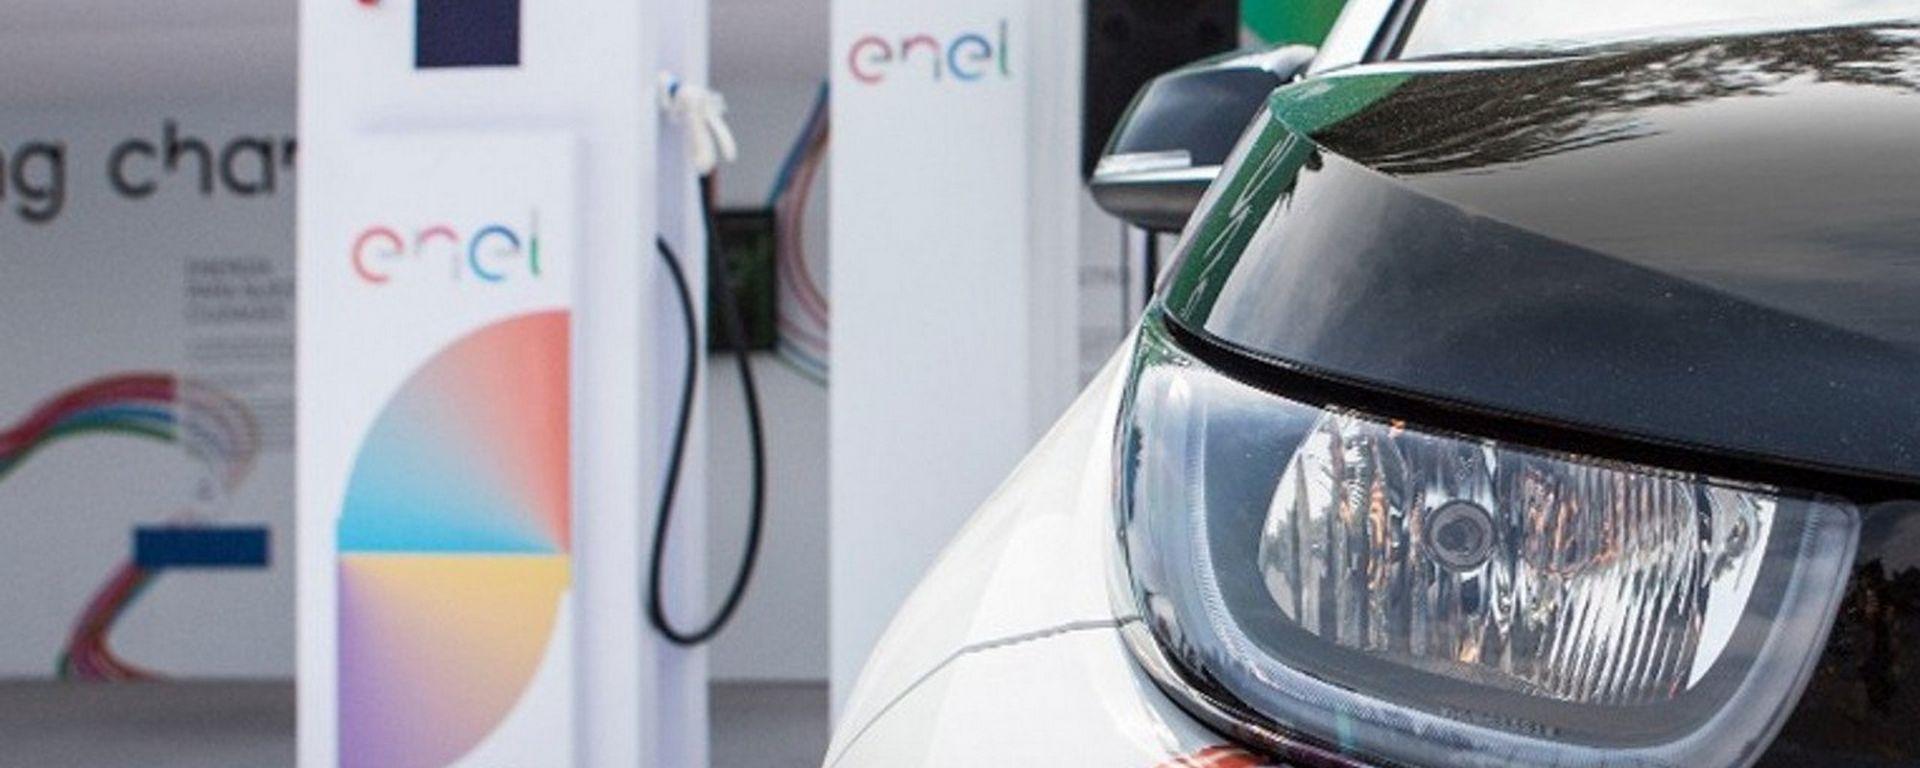 Enel, 14 nuove stazioni di ricarica fast in Italia, Francia e Spagna